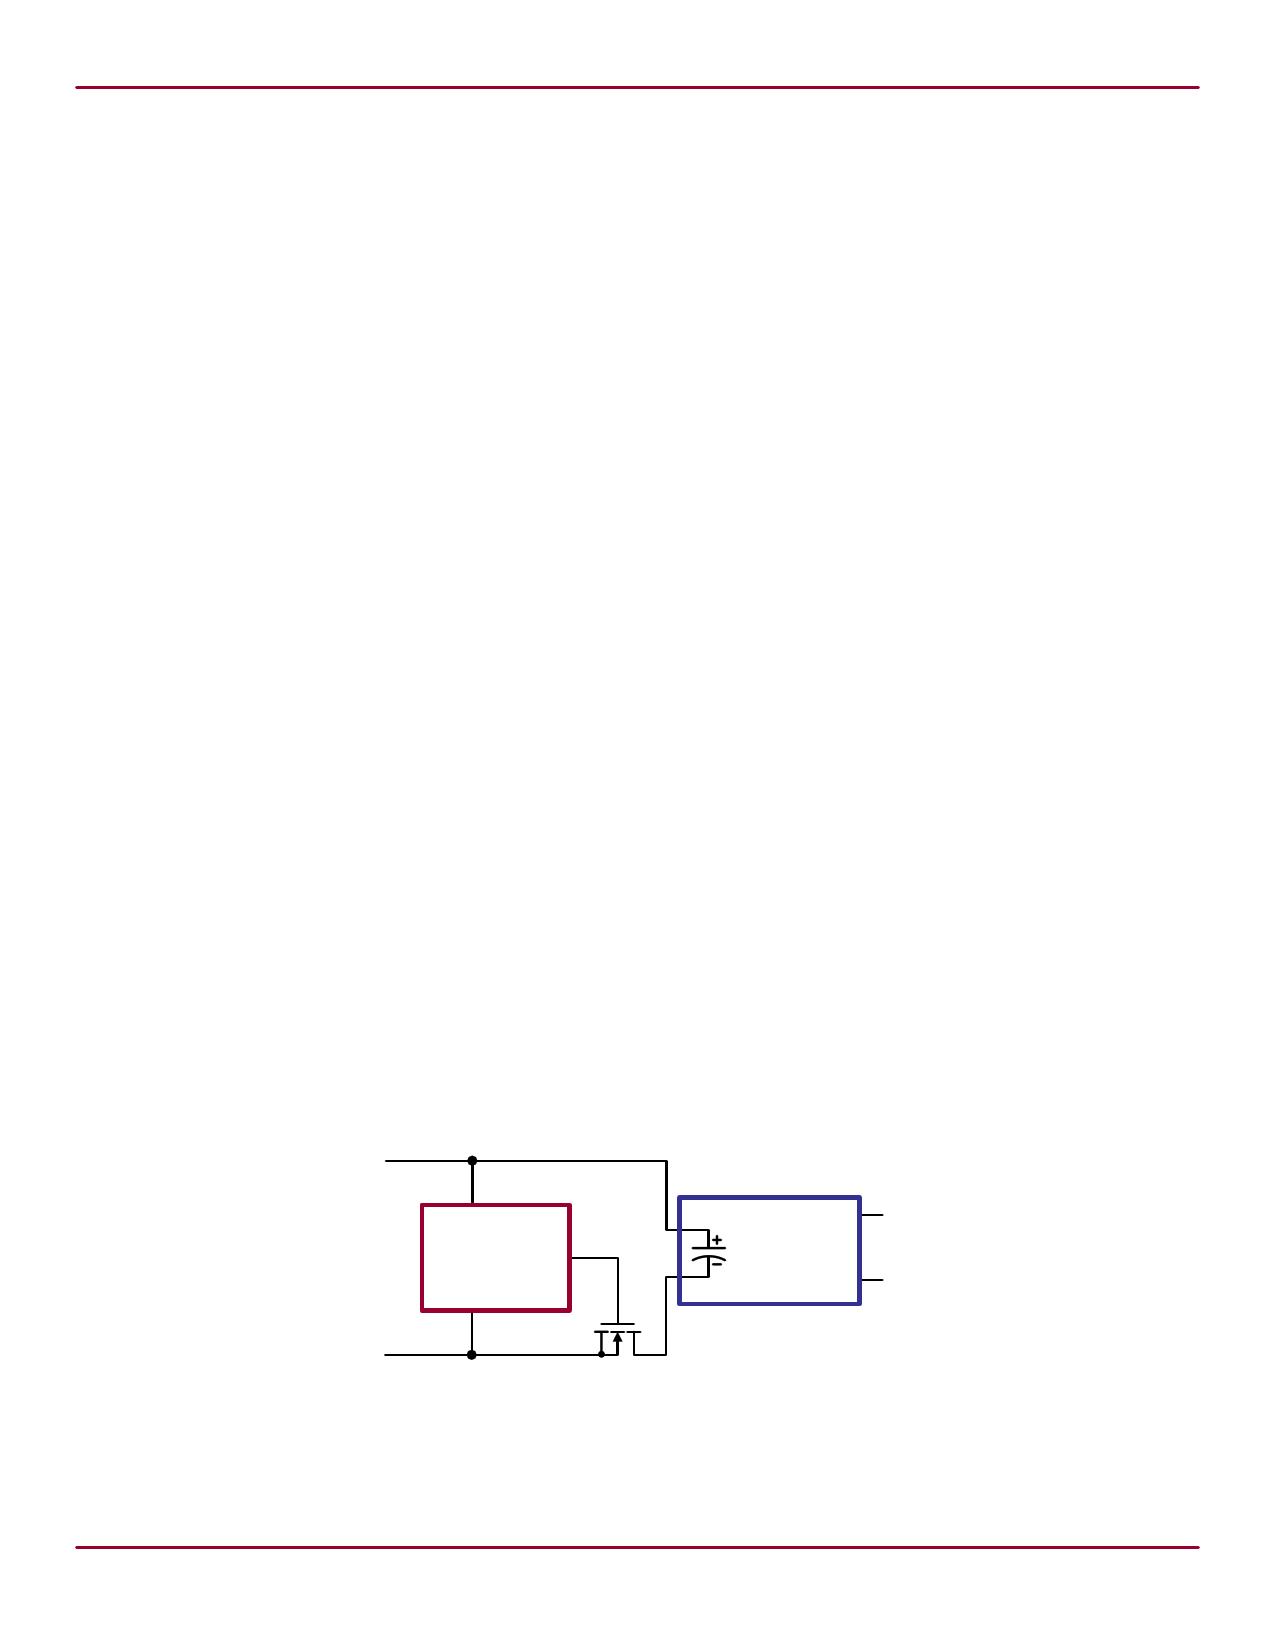 HV100K5-G Datasheet, HV100K5-G PDF,ピン配置, 機能